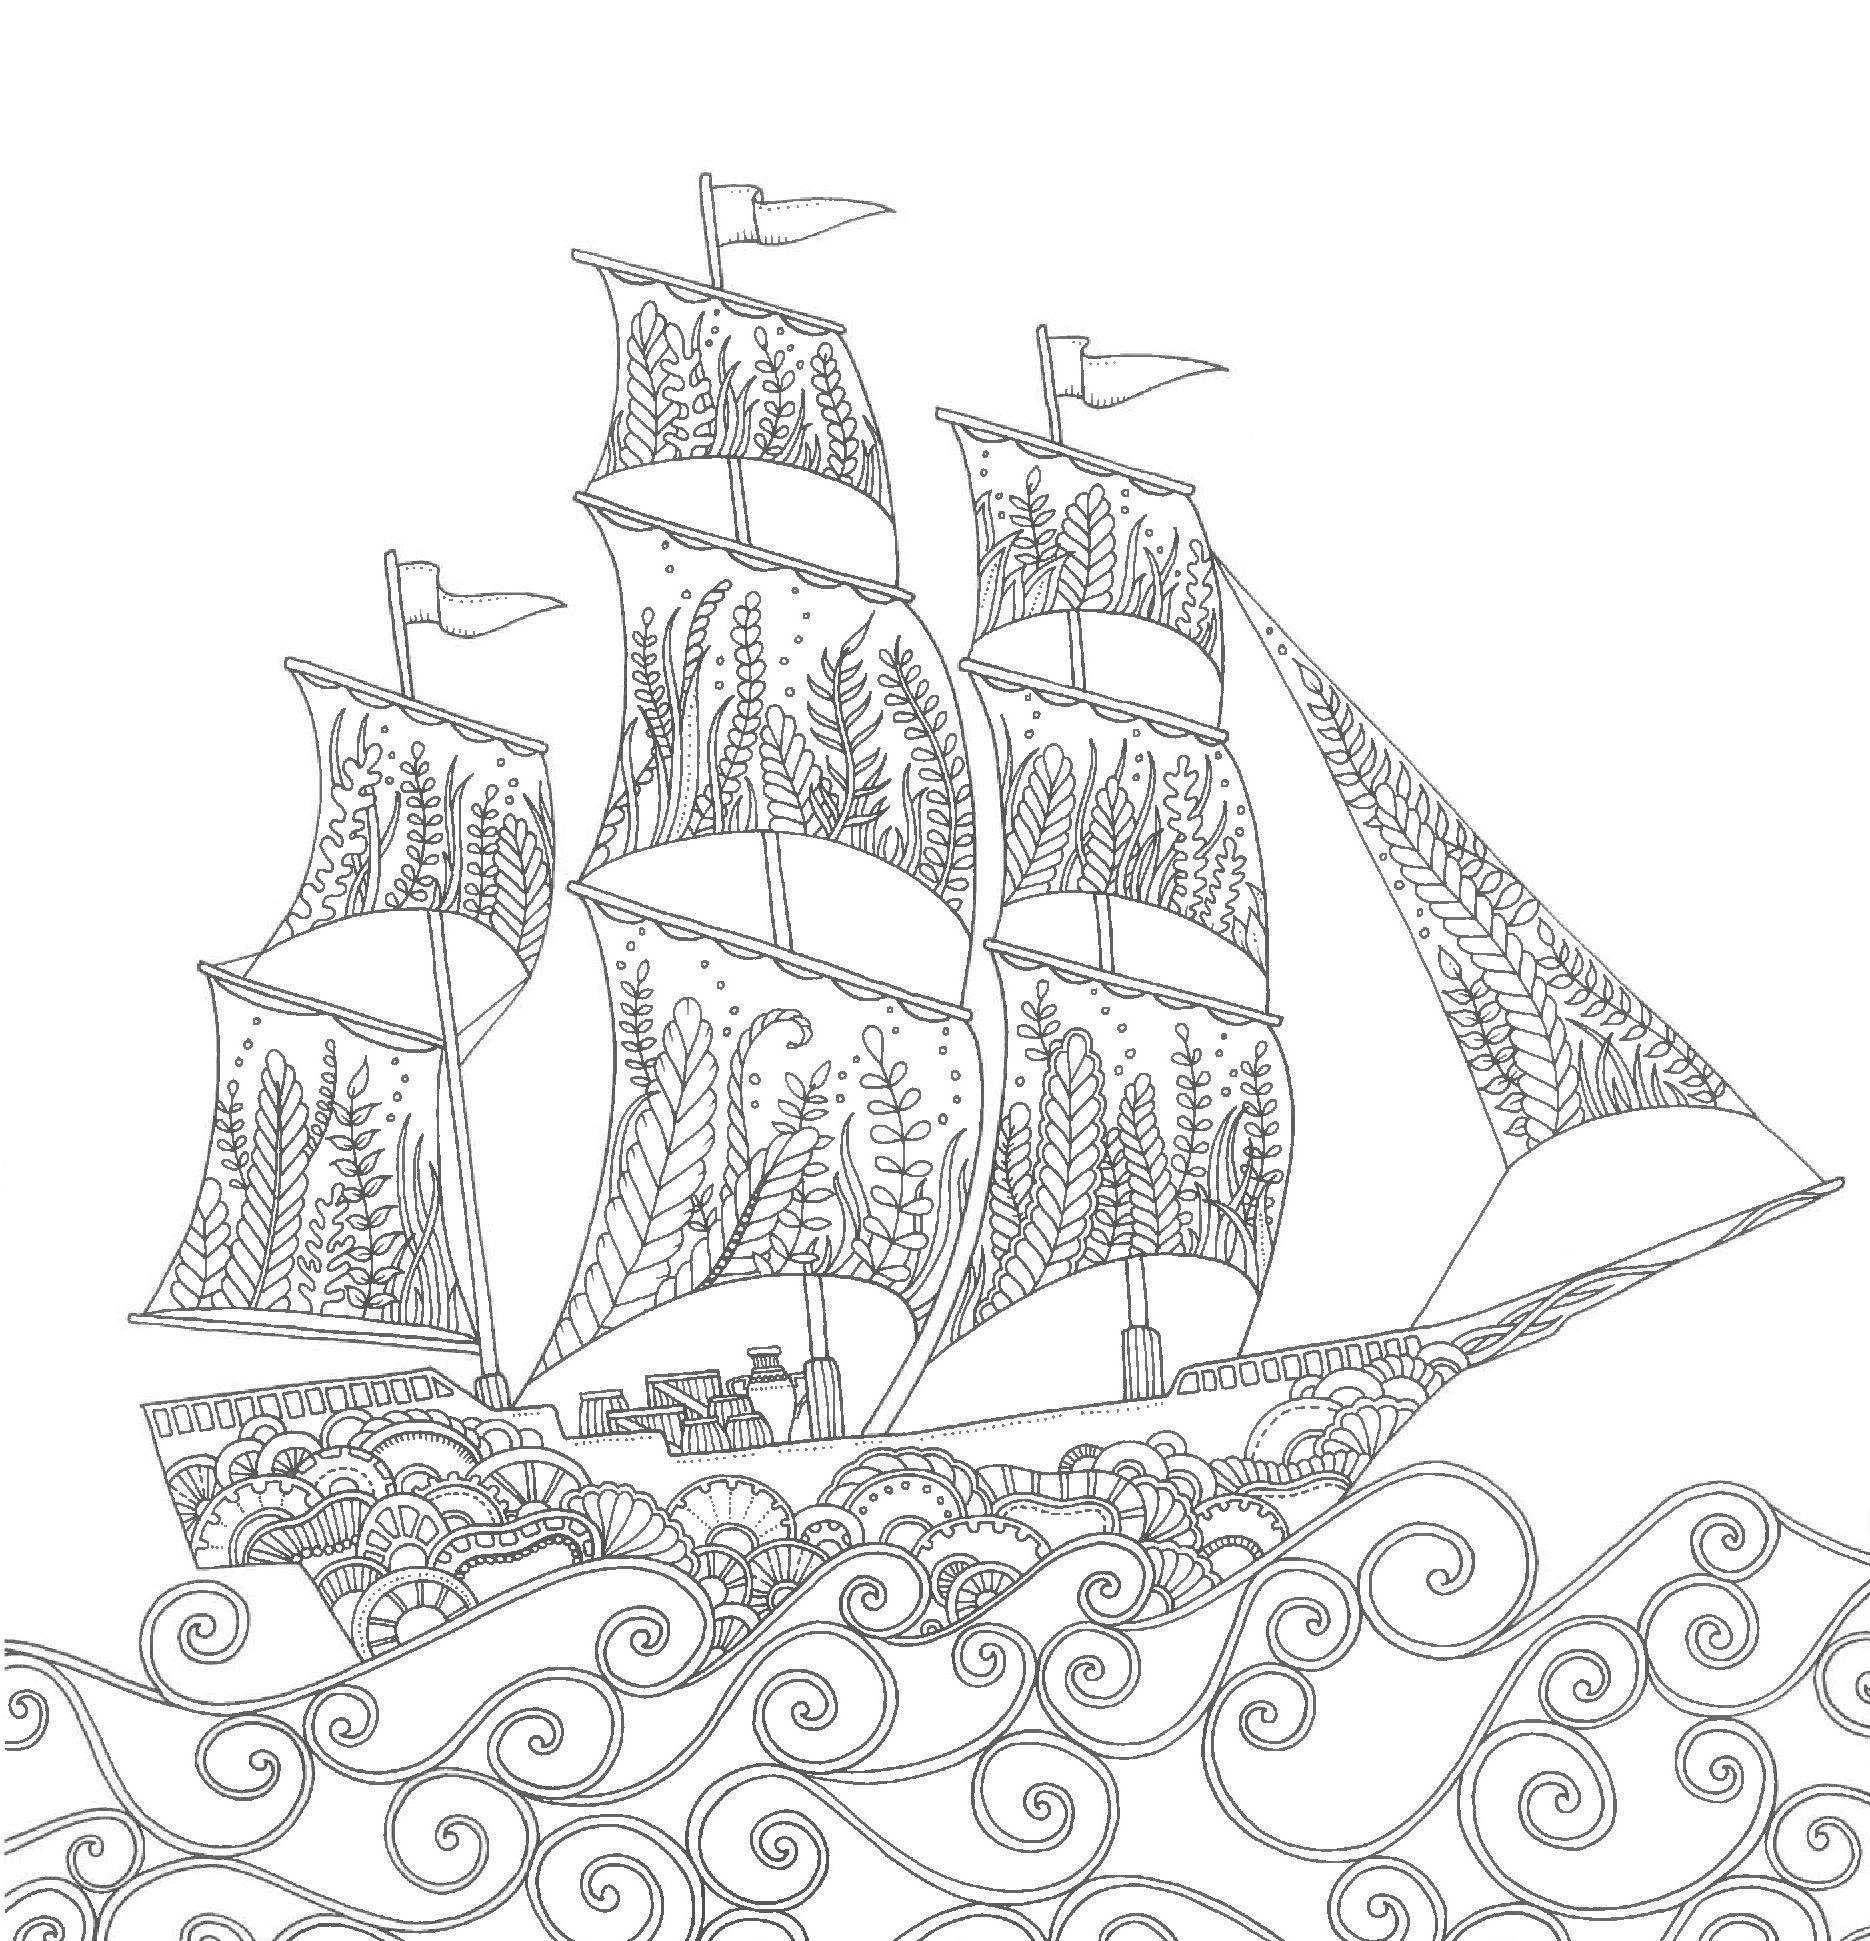 Корабль на волнах - Океан (с изображениями) | Книжка ...